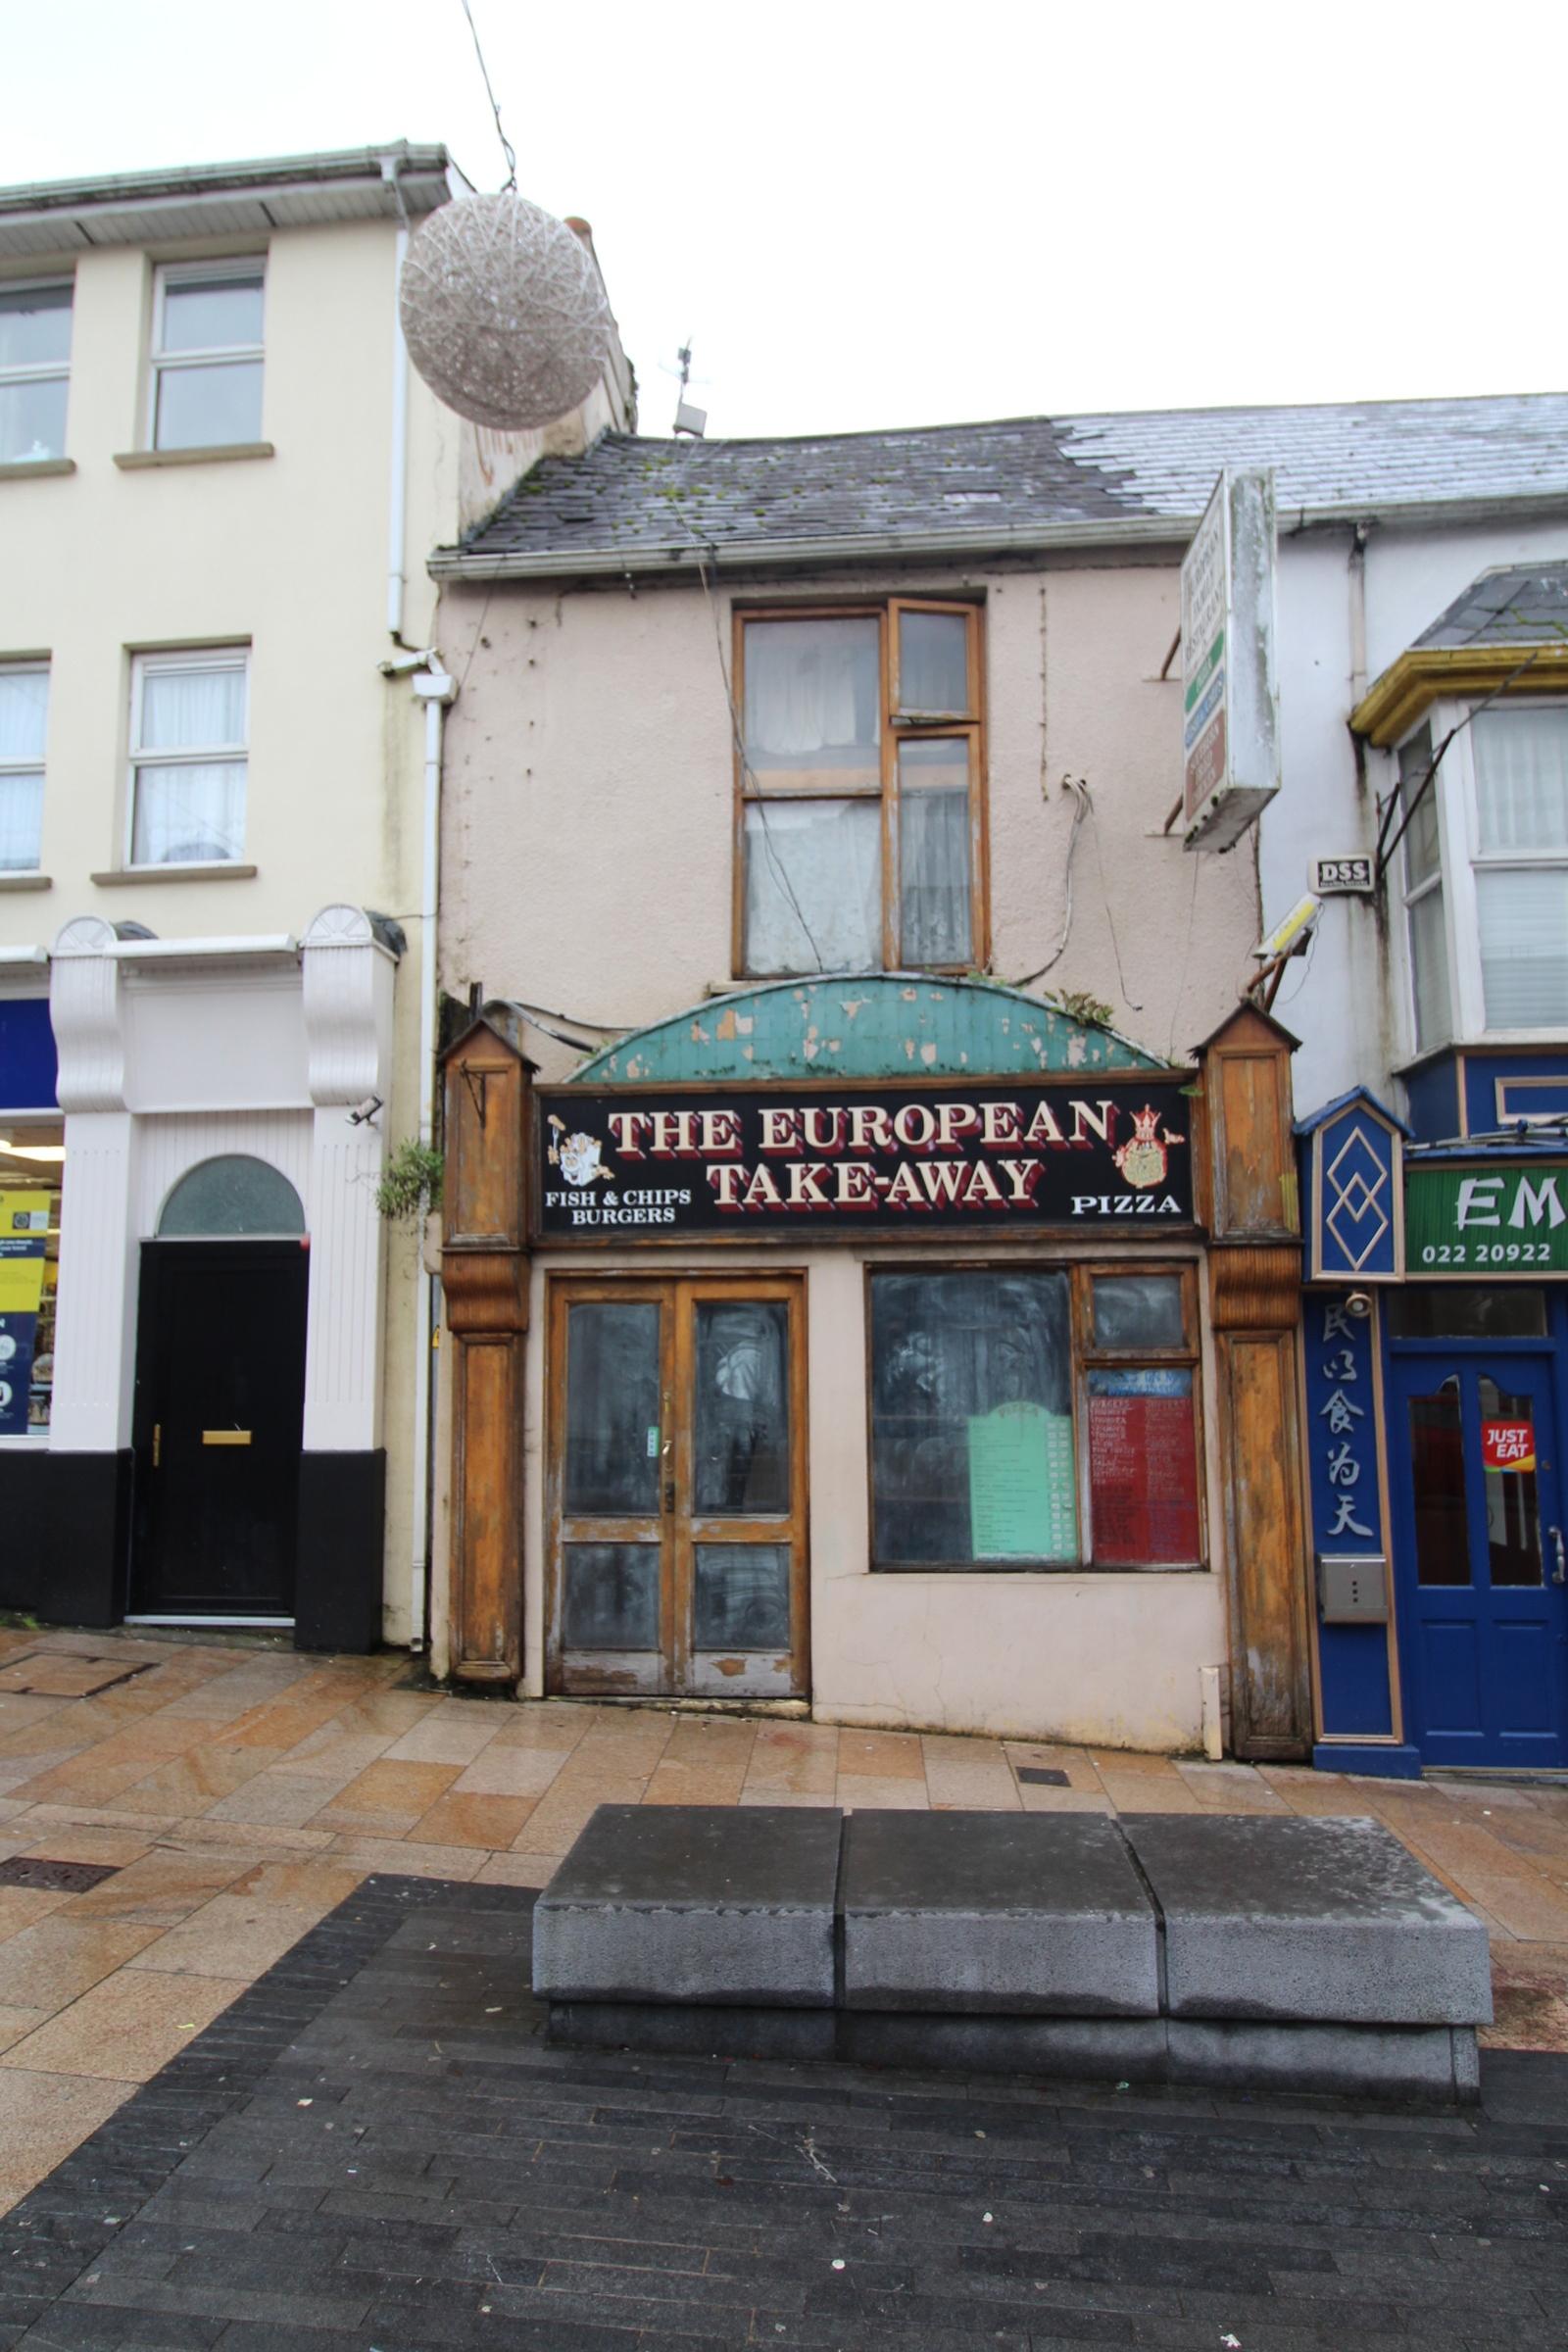 82 Thomas Davis Street, Mallow, Co. Cork